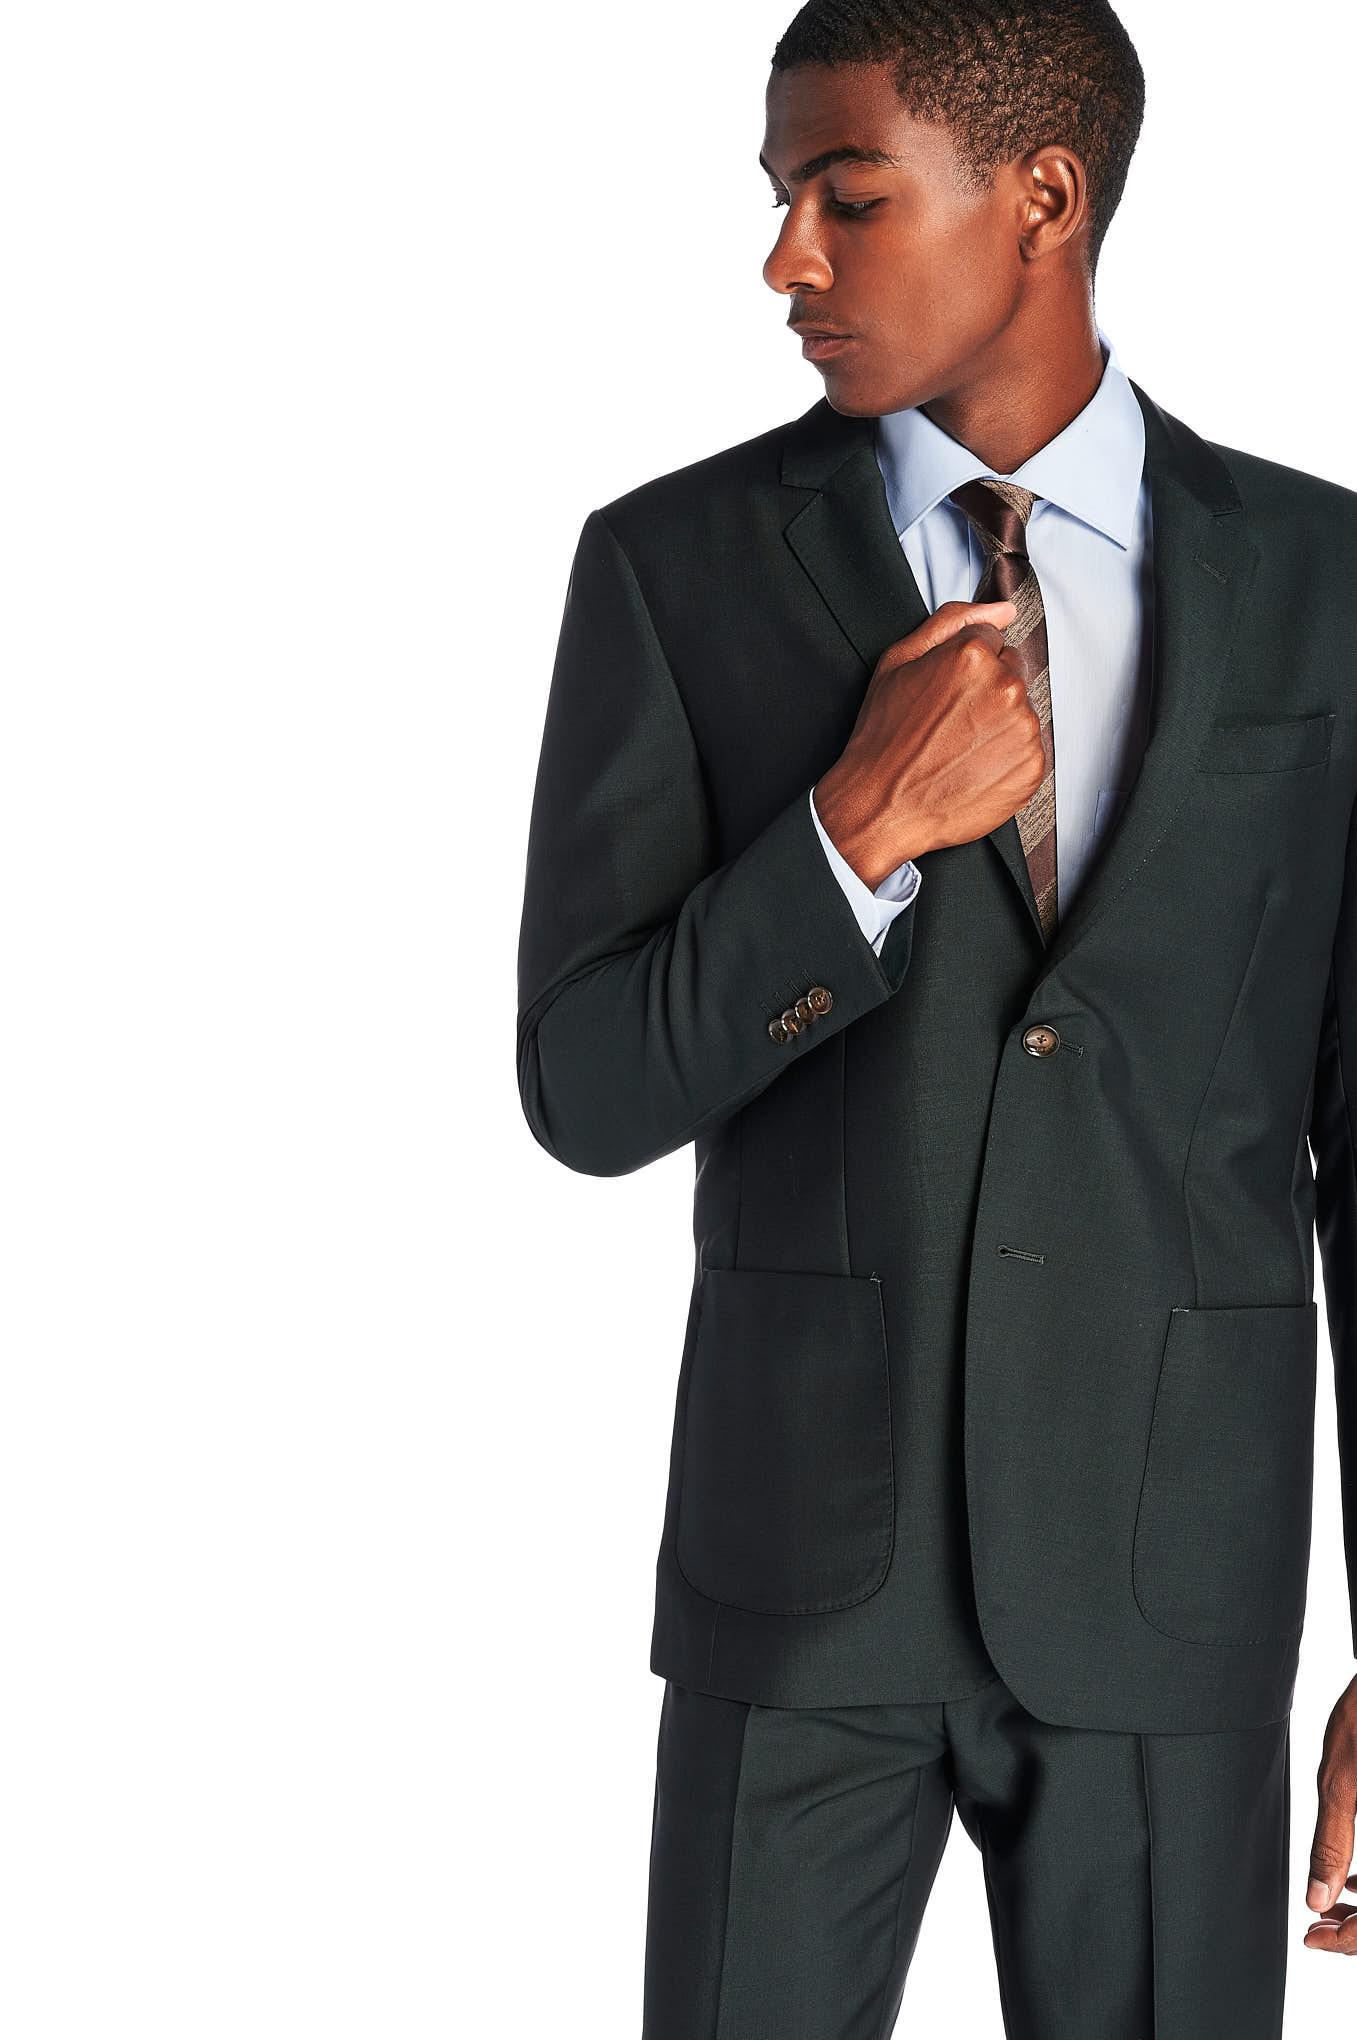 Suit Dark Green Classic Man